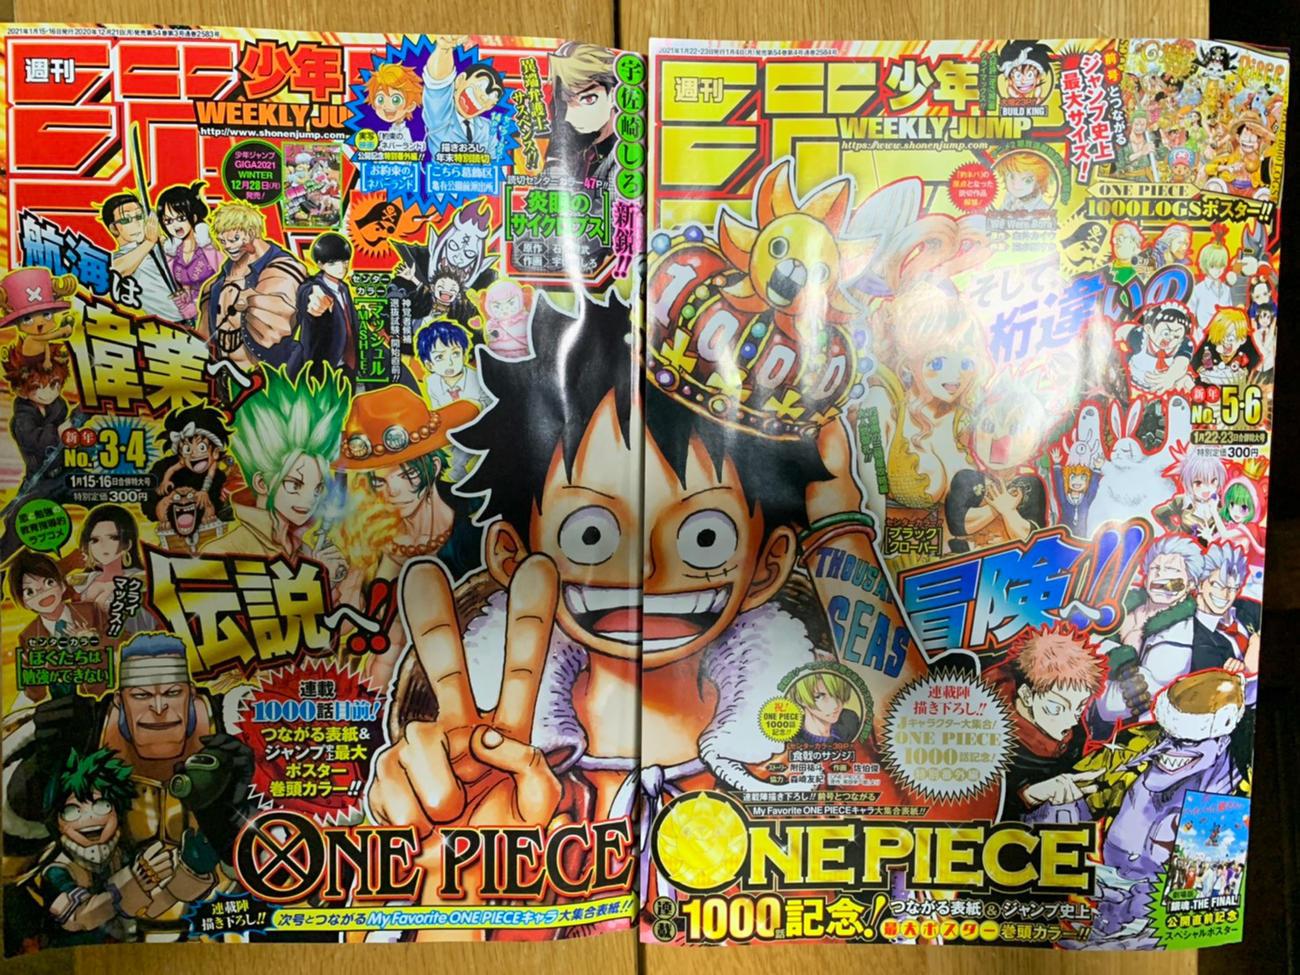 20年12月21日発売(左)と1月4日発売の「週刊少年ジャンプ」表紙。合わせると1枚の絵になる